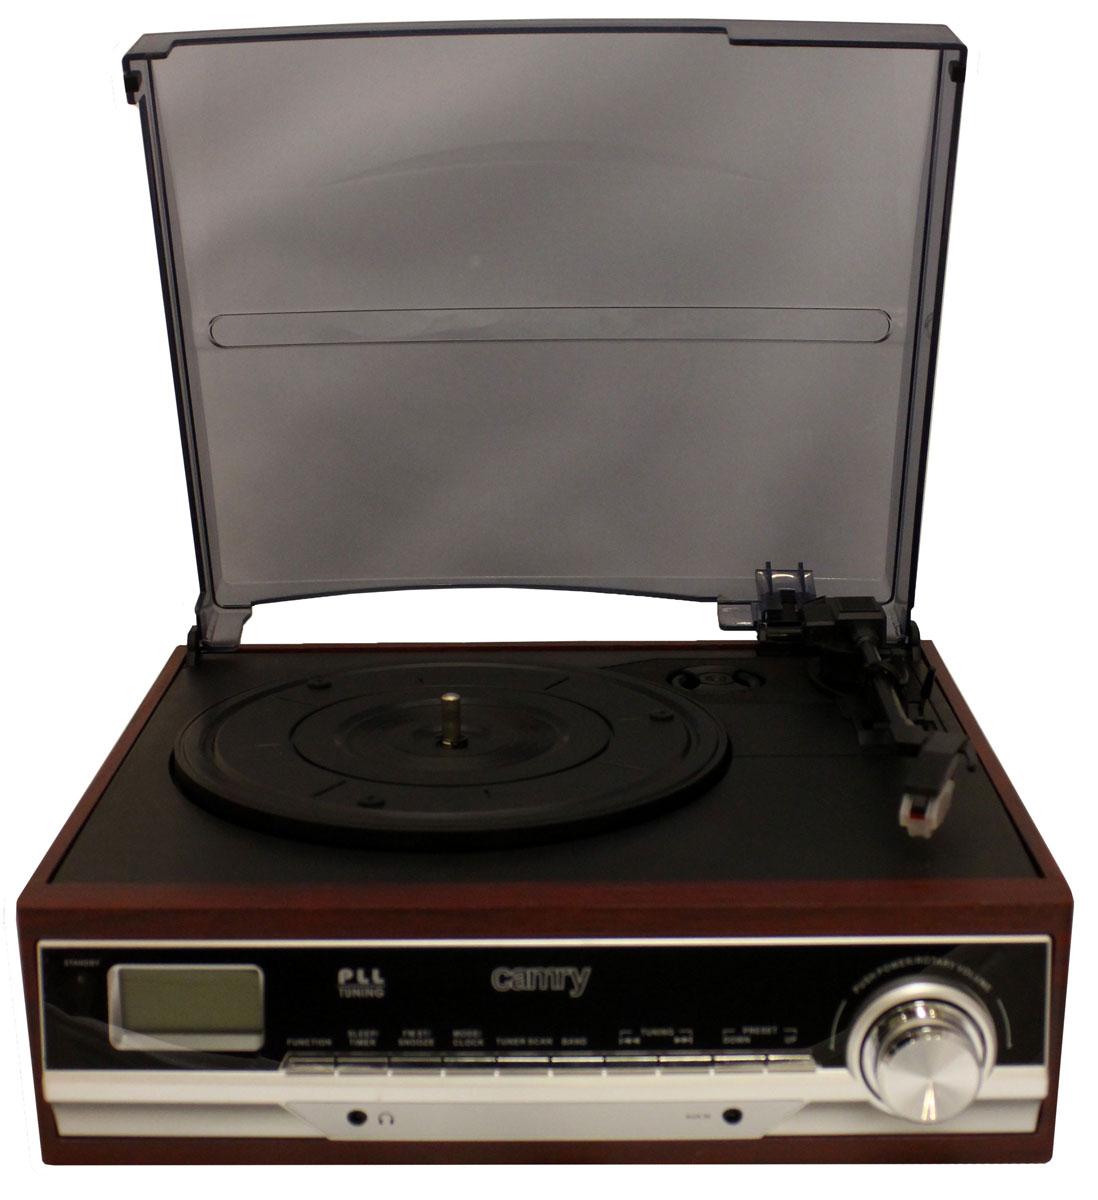 лучшая цена Проигрыватель виниловых дисков Camry 1113, Black